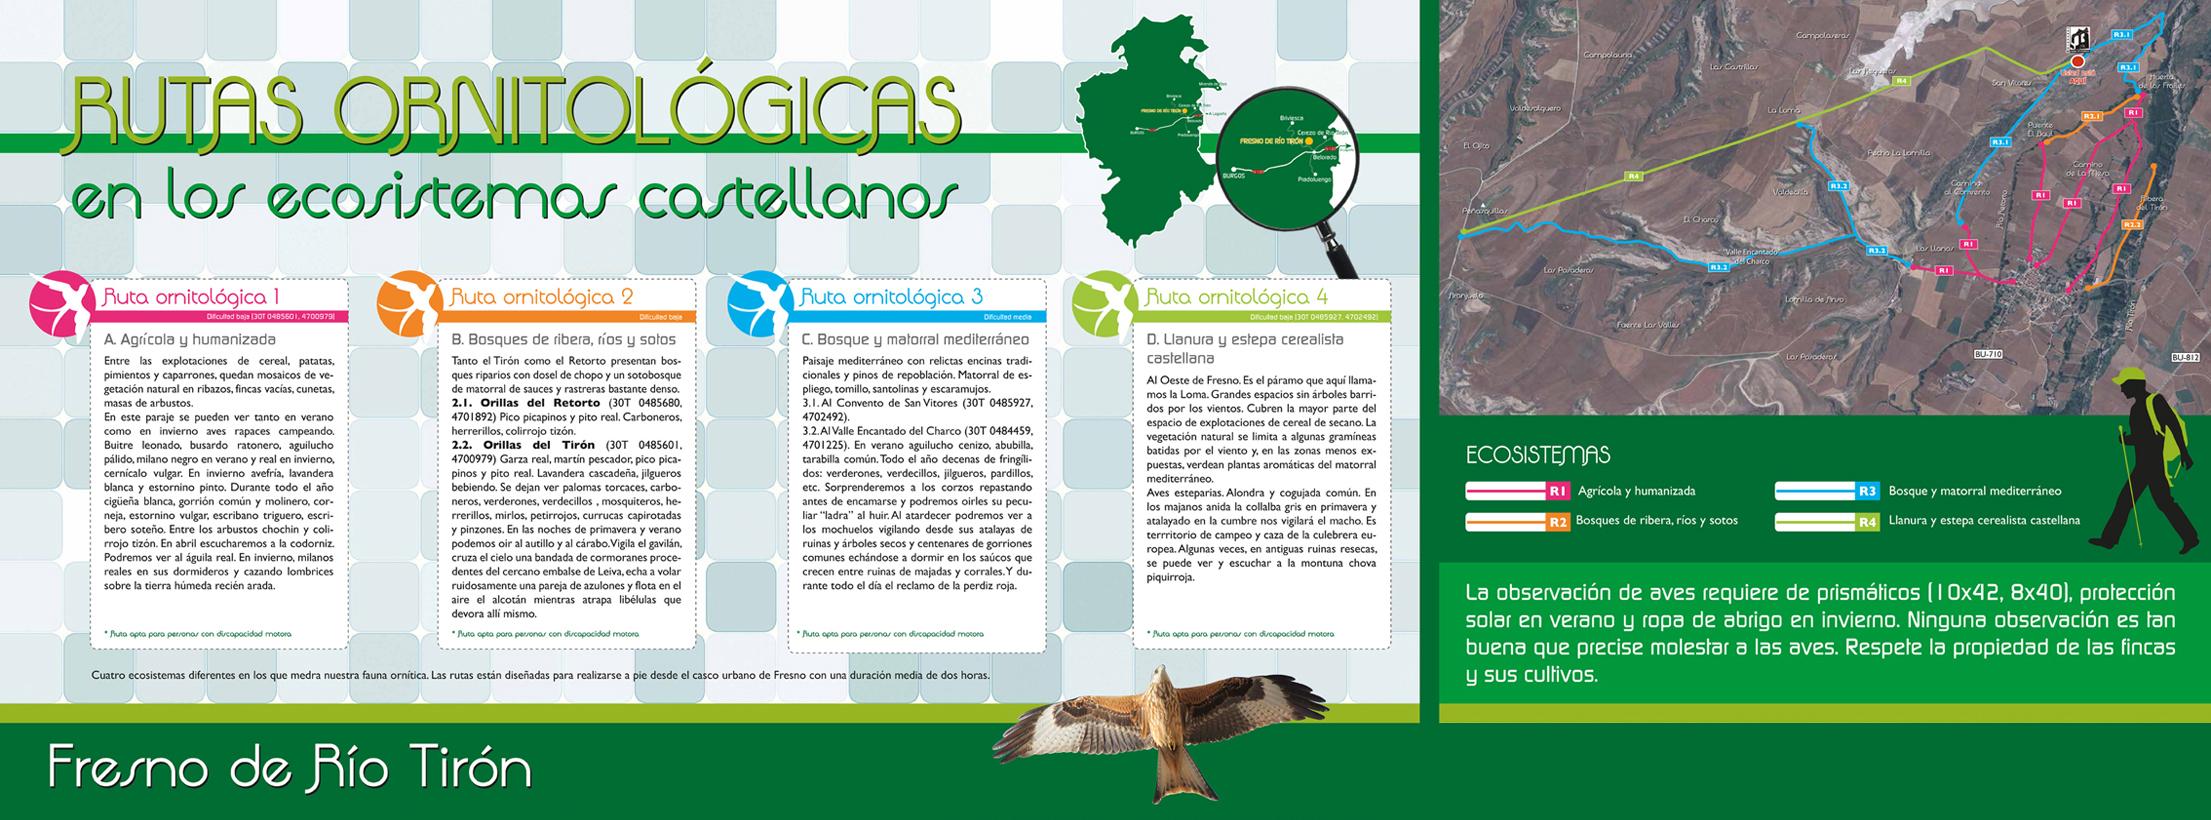 Las cuatro rutas ornitológicas de Fresno de Río Tirón